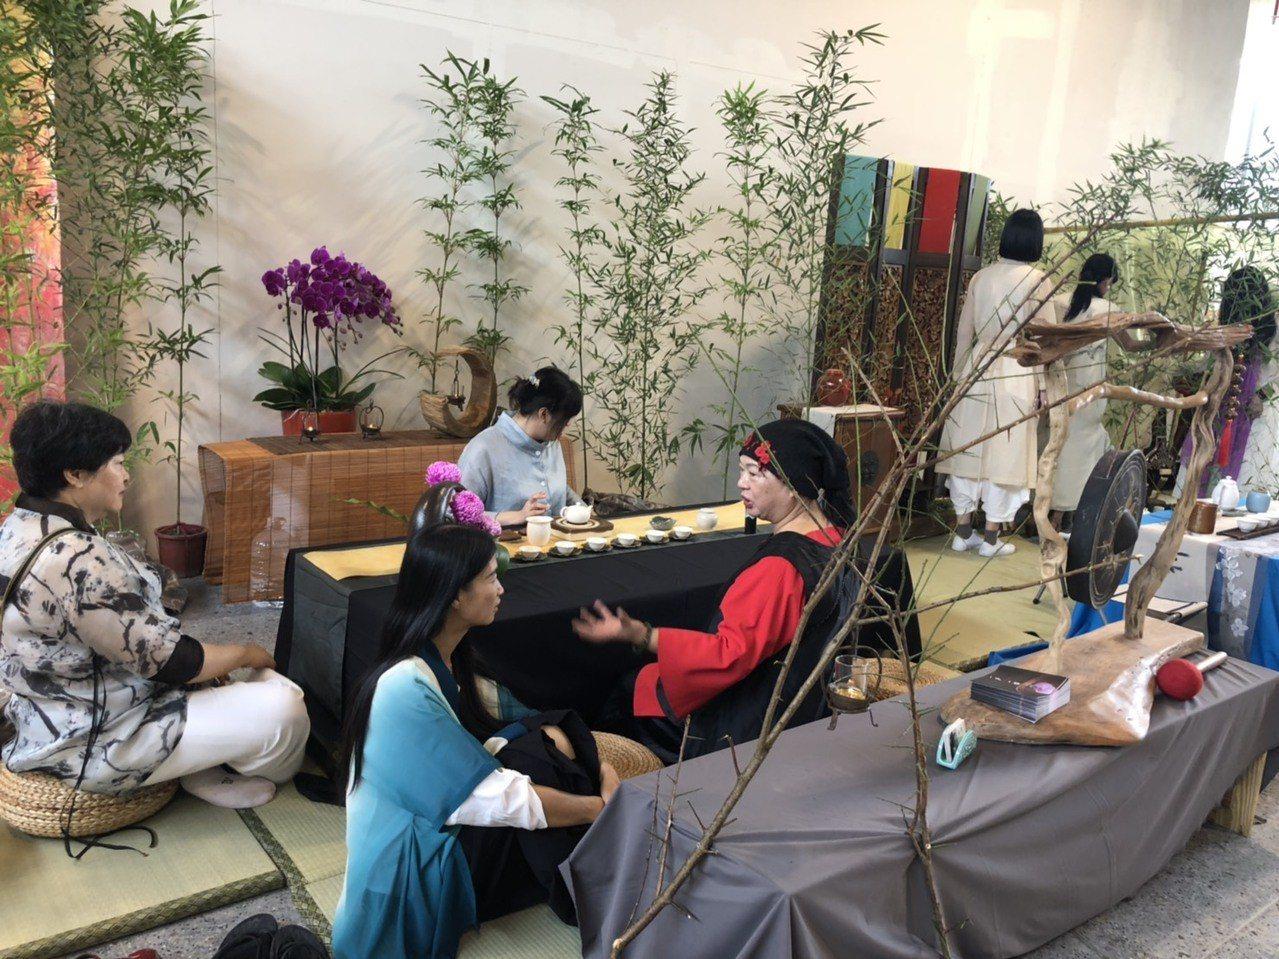 南投旅遊美食茶展邀請書法家扮演竹林七賢,吸引觀光客深度體驗南投的茶文化。圖/南投...